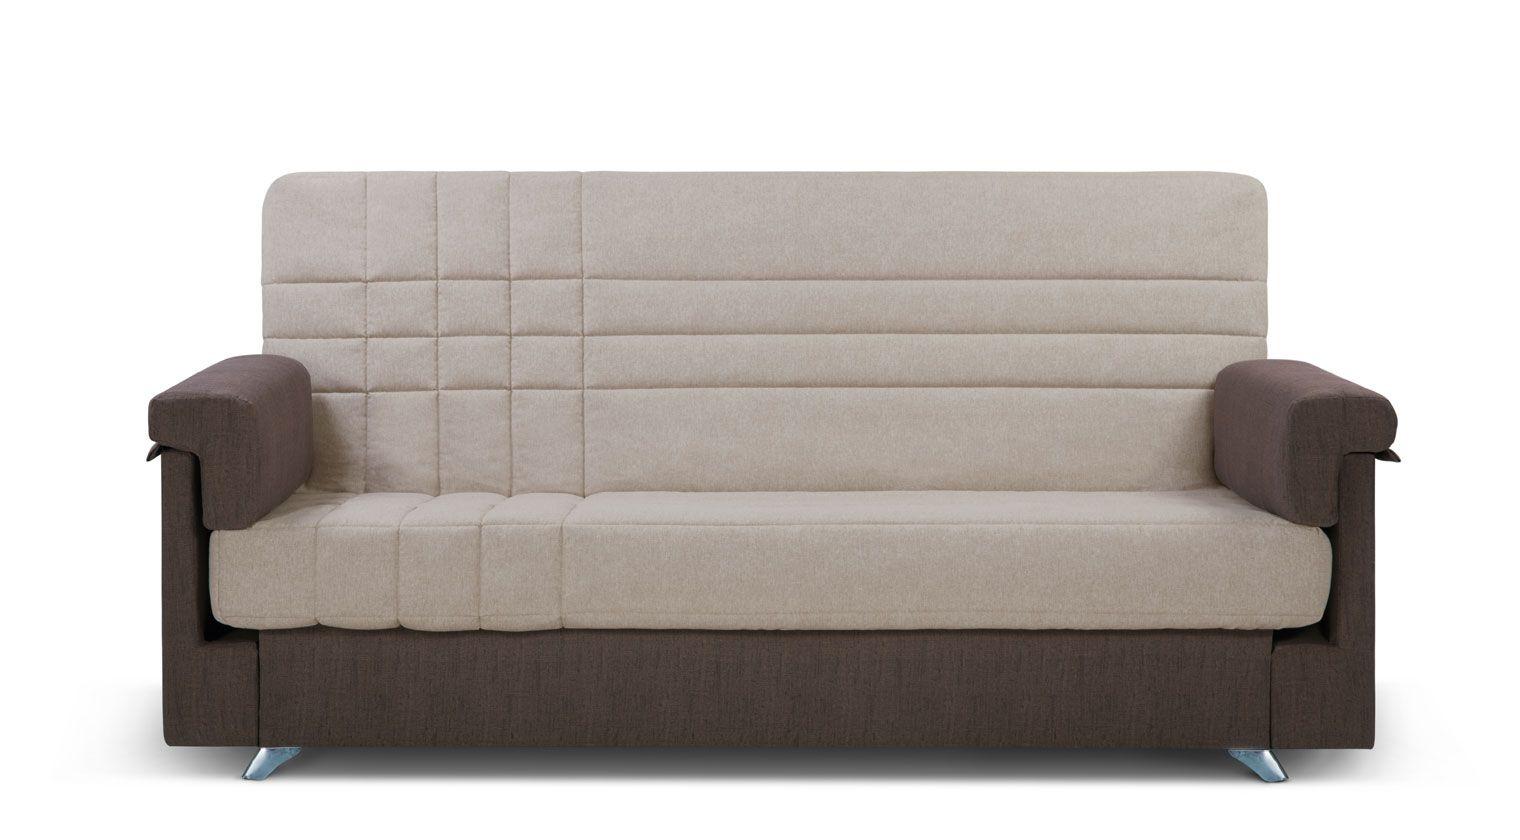 Comprar sof cama murcia sof clic clac 3 plazas loneta lisa - Sofas cama murcia ...